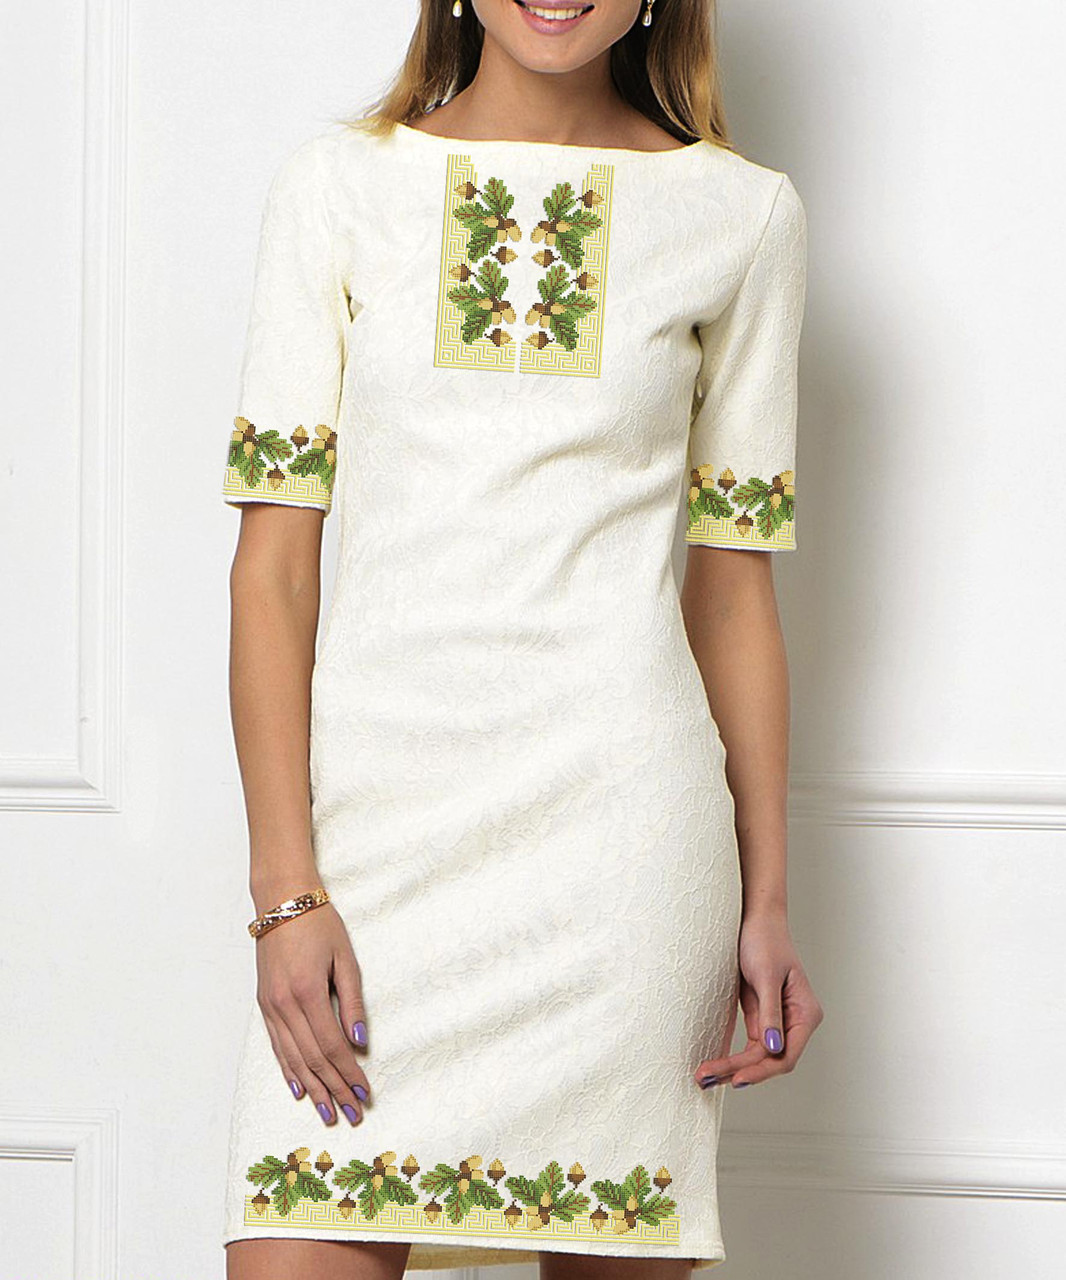 Заготовка жіночого плаття чи сукні для вишивки та вишивання бісером Бисерок   «Дубок версаче» (П-520 )